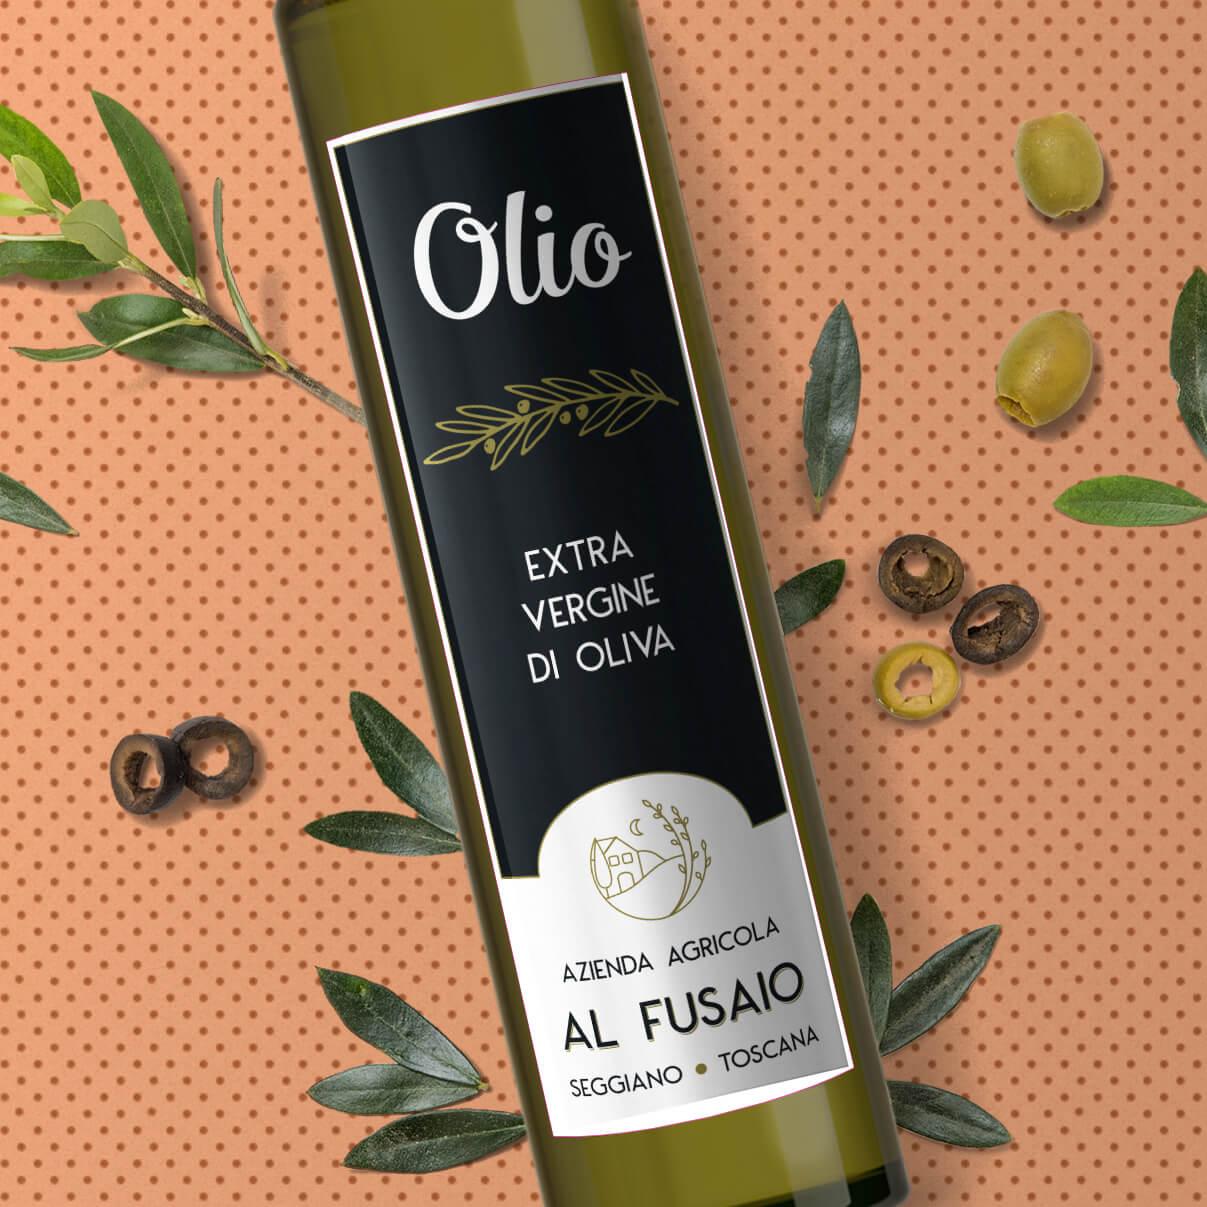 Dettaglio dell'etichetta frontale bottiglia olio Azienda Agricola Al Fusaio